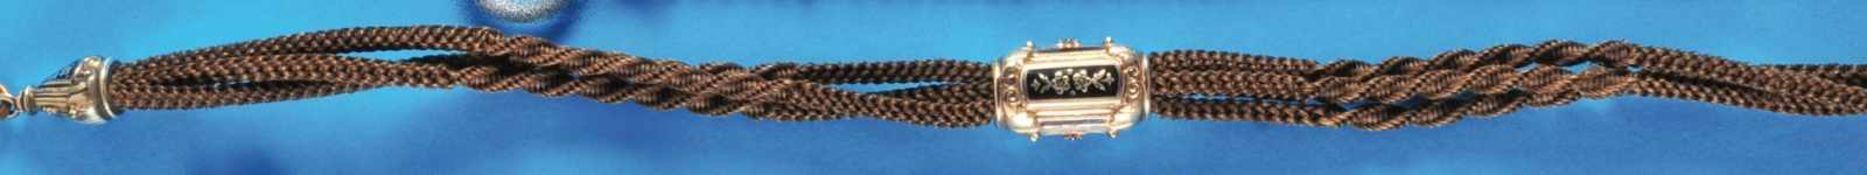 Biedermeier hair pocket watch chainBiedermeier Haar-Taschenuhrkette mit vergoldetem Mittelteil (